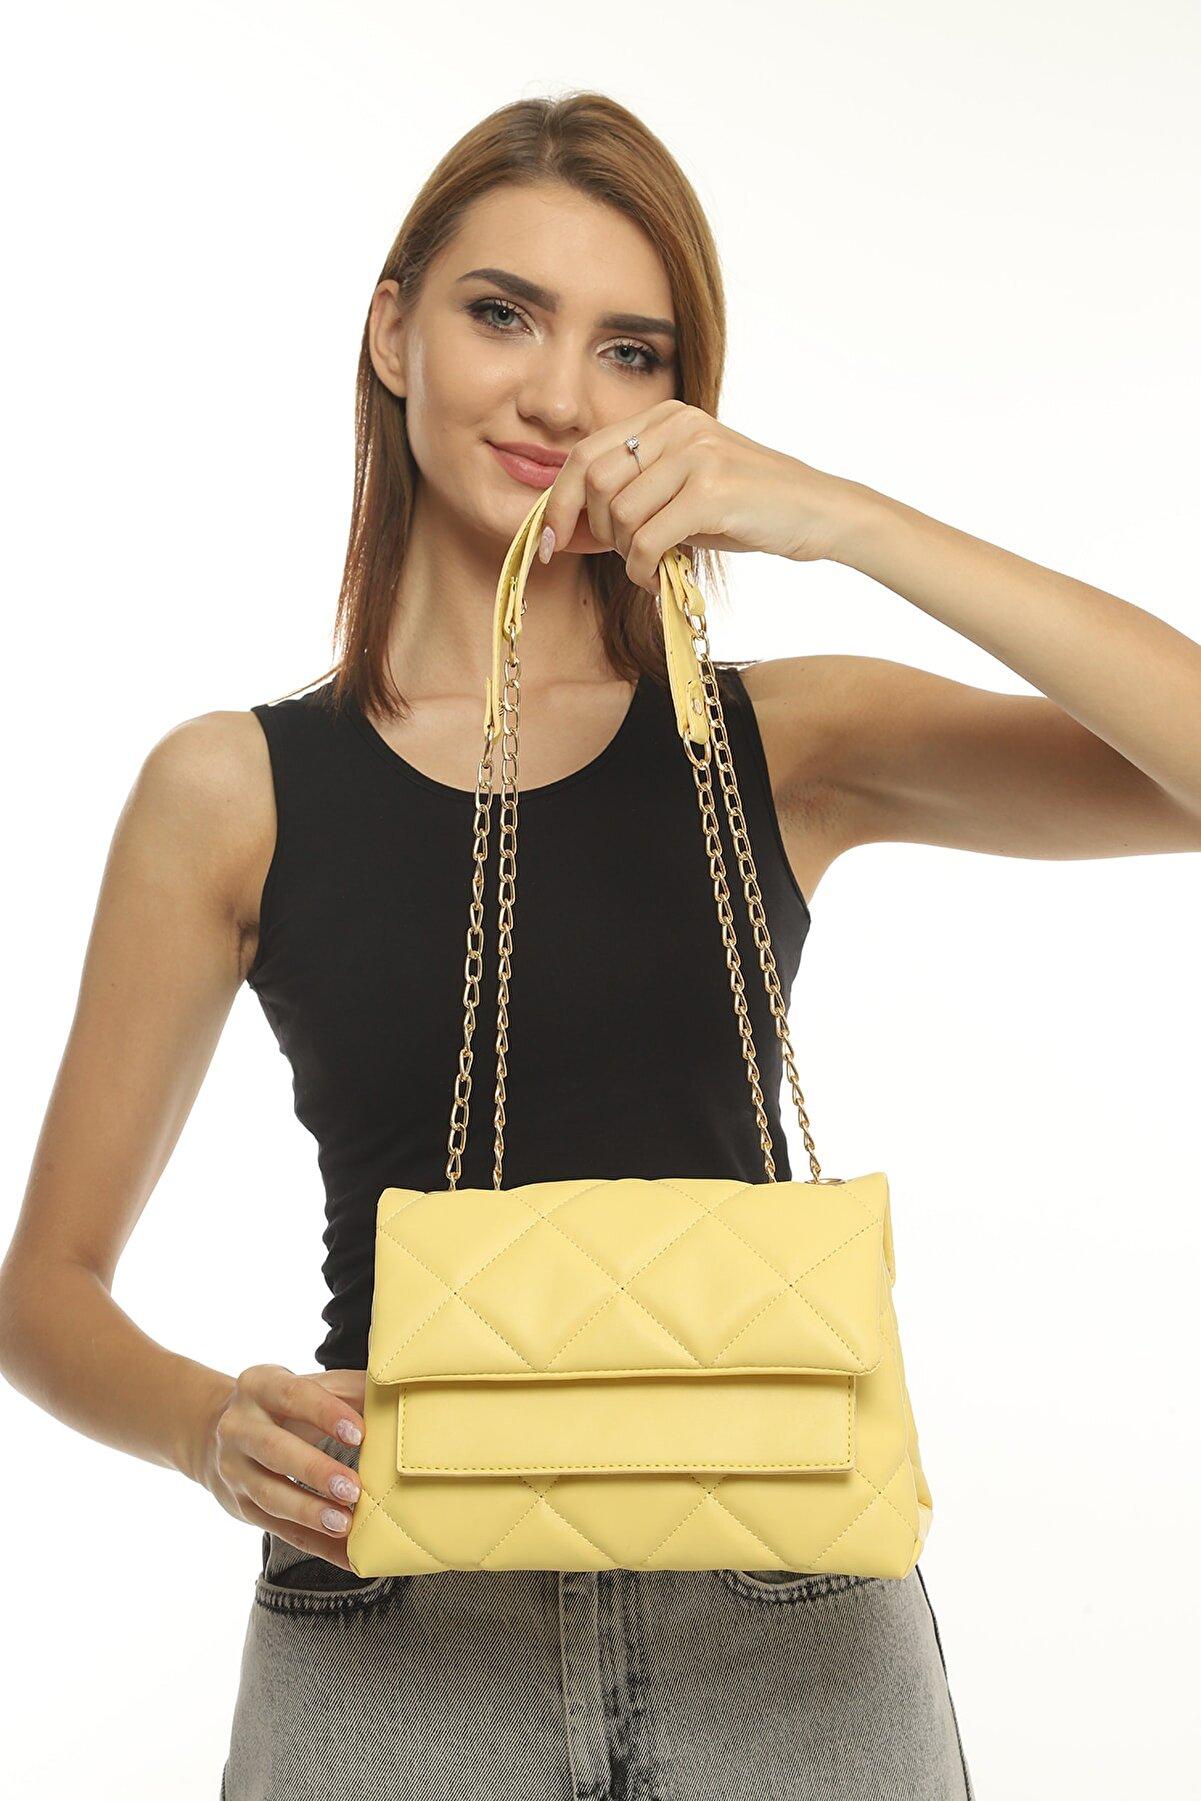 Defnella Kadın Sarı Kapitone Desenli Zincir Askılı El ve Omuz Çantası